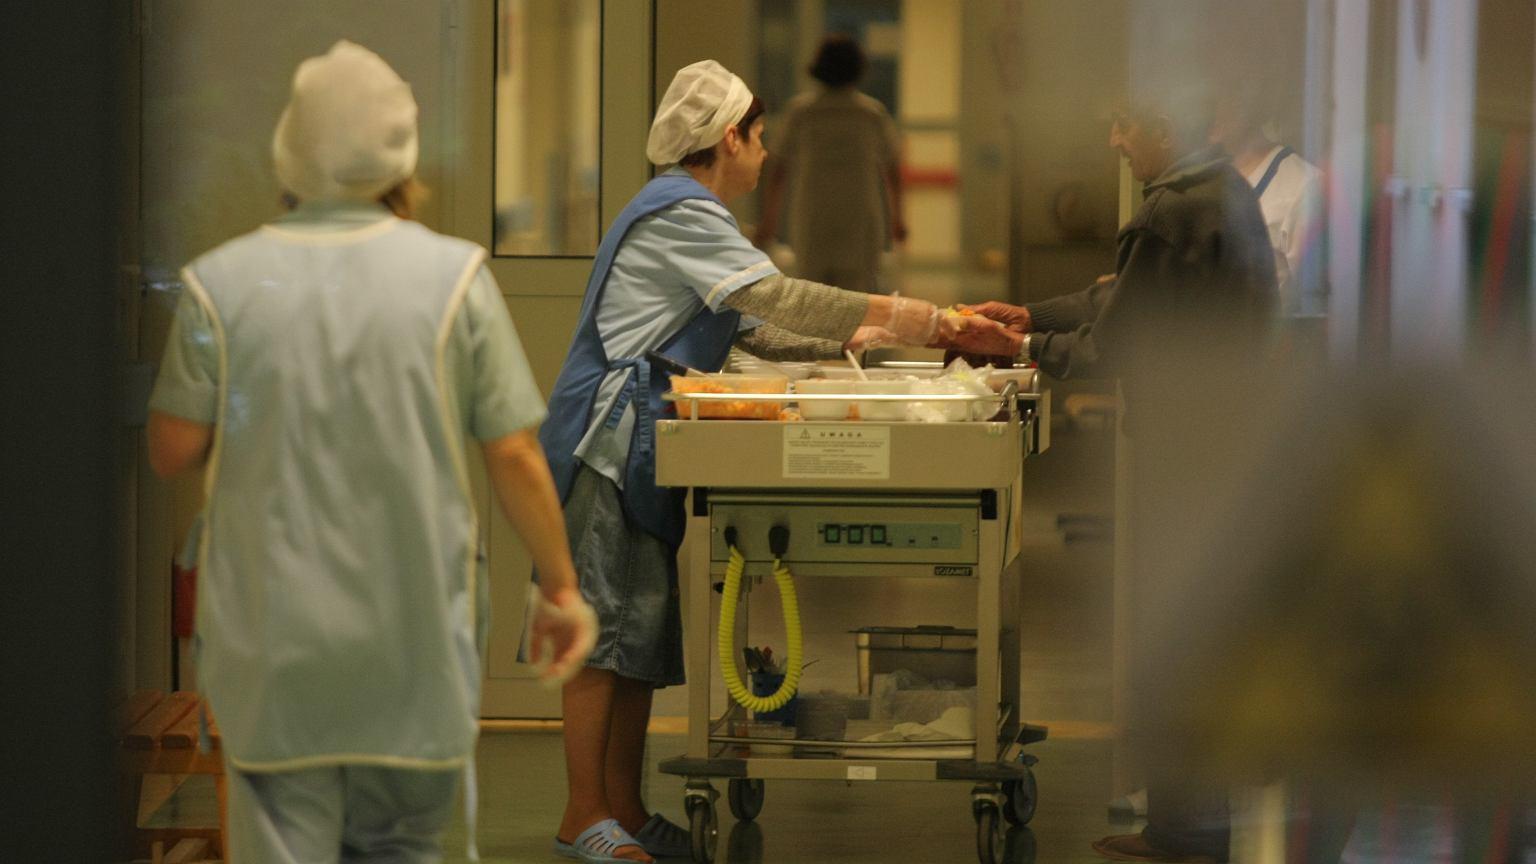 Wydawanie posiłków w szpitalu